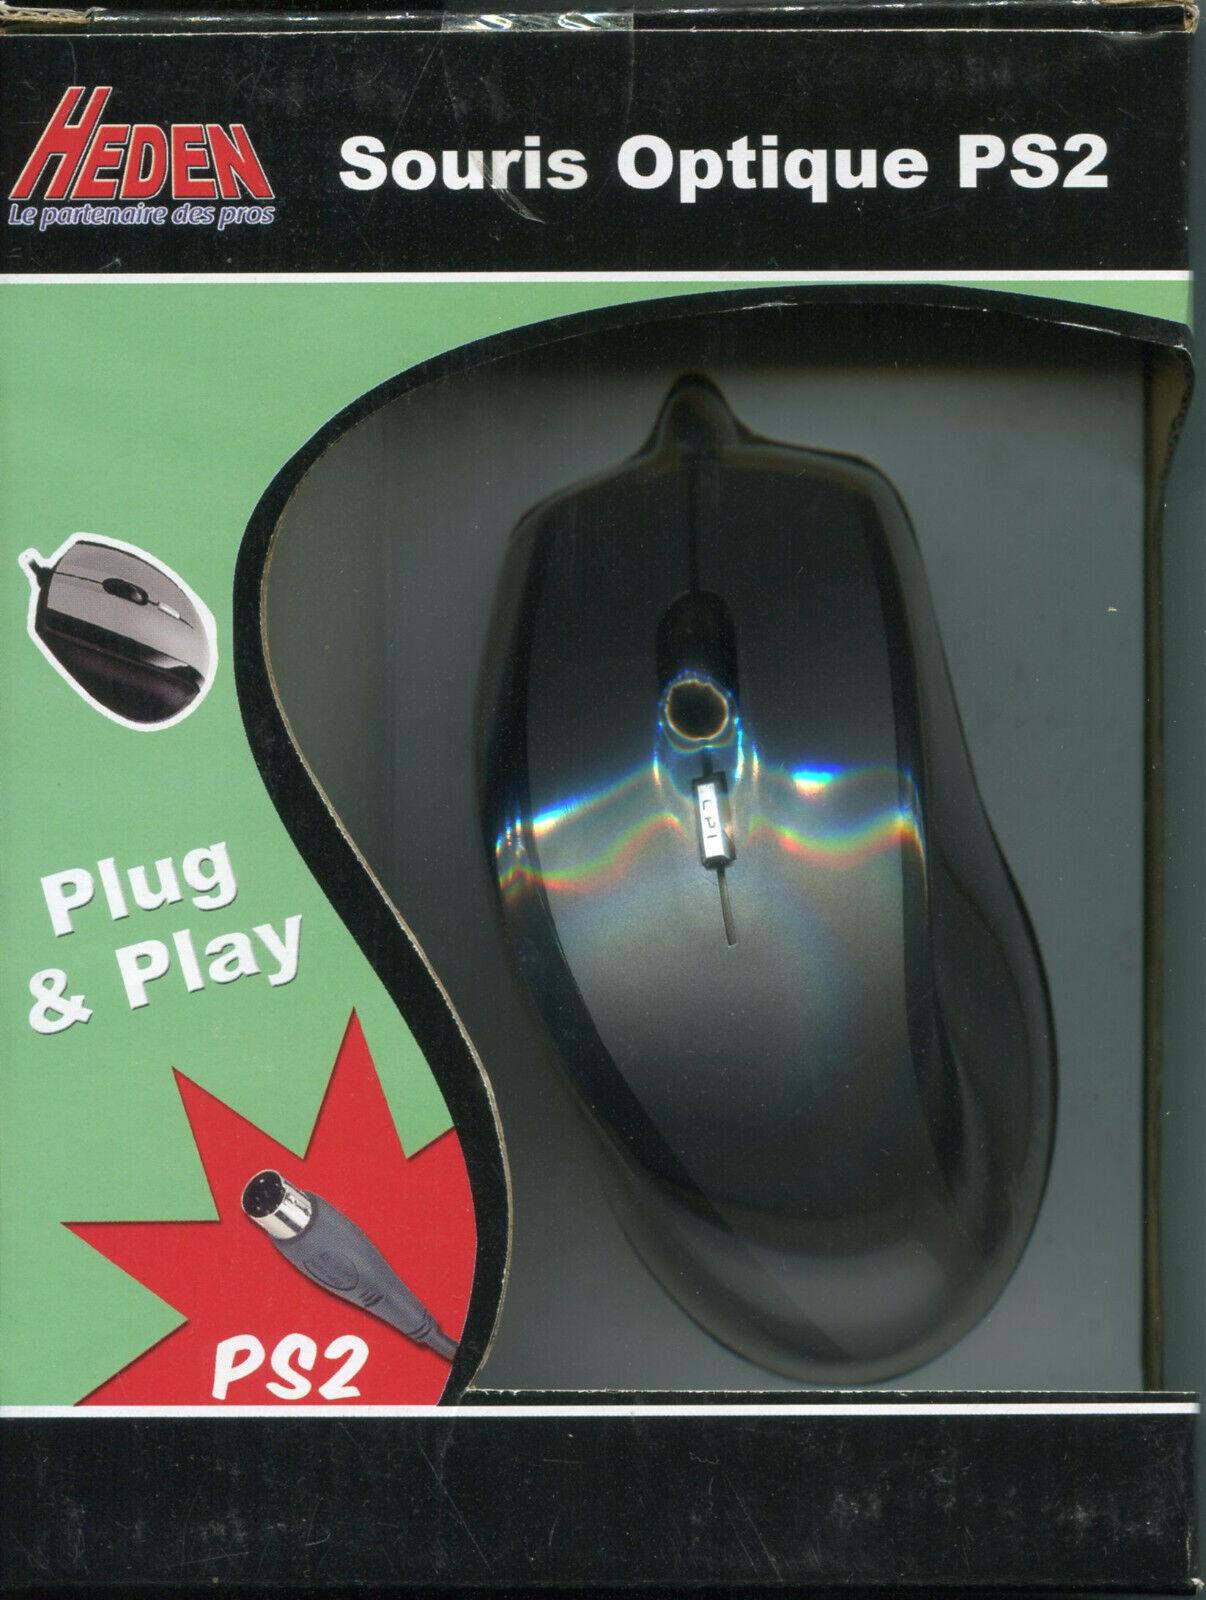 Souris filaire optique ps2 ps/2 heden ordinateur pc optical mouse